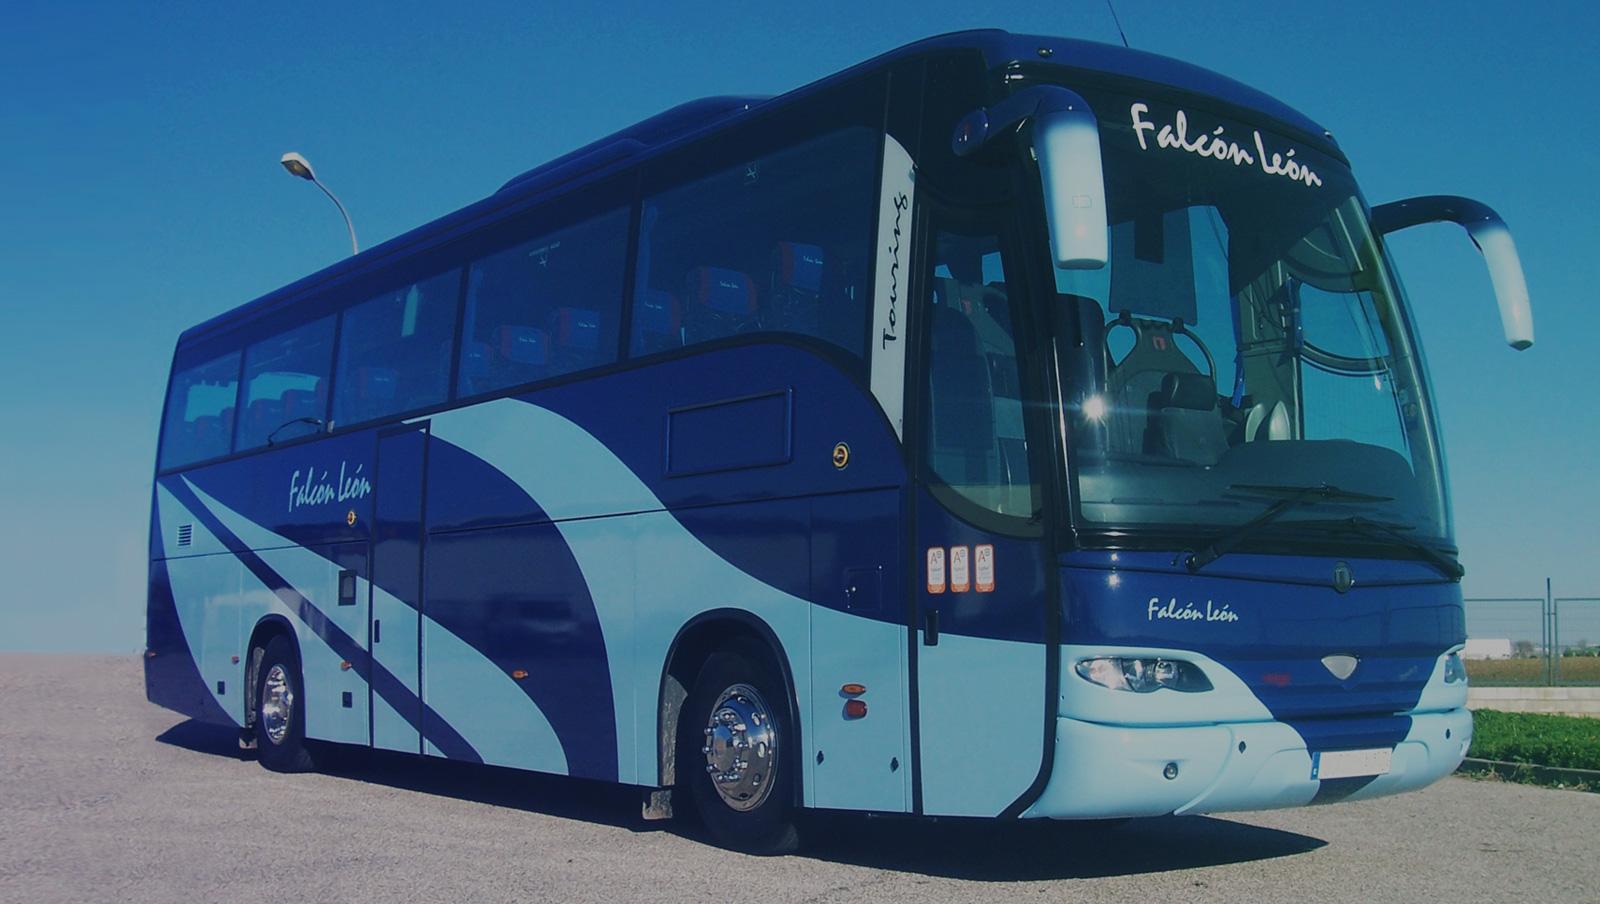 ervicios de alquiler de autobuses para las comuniones